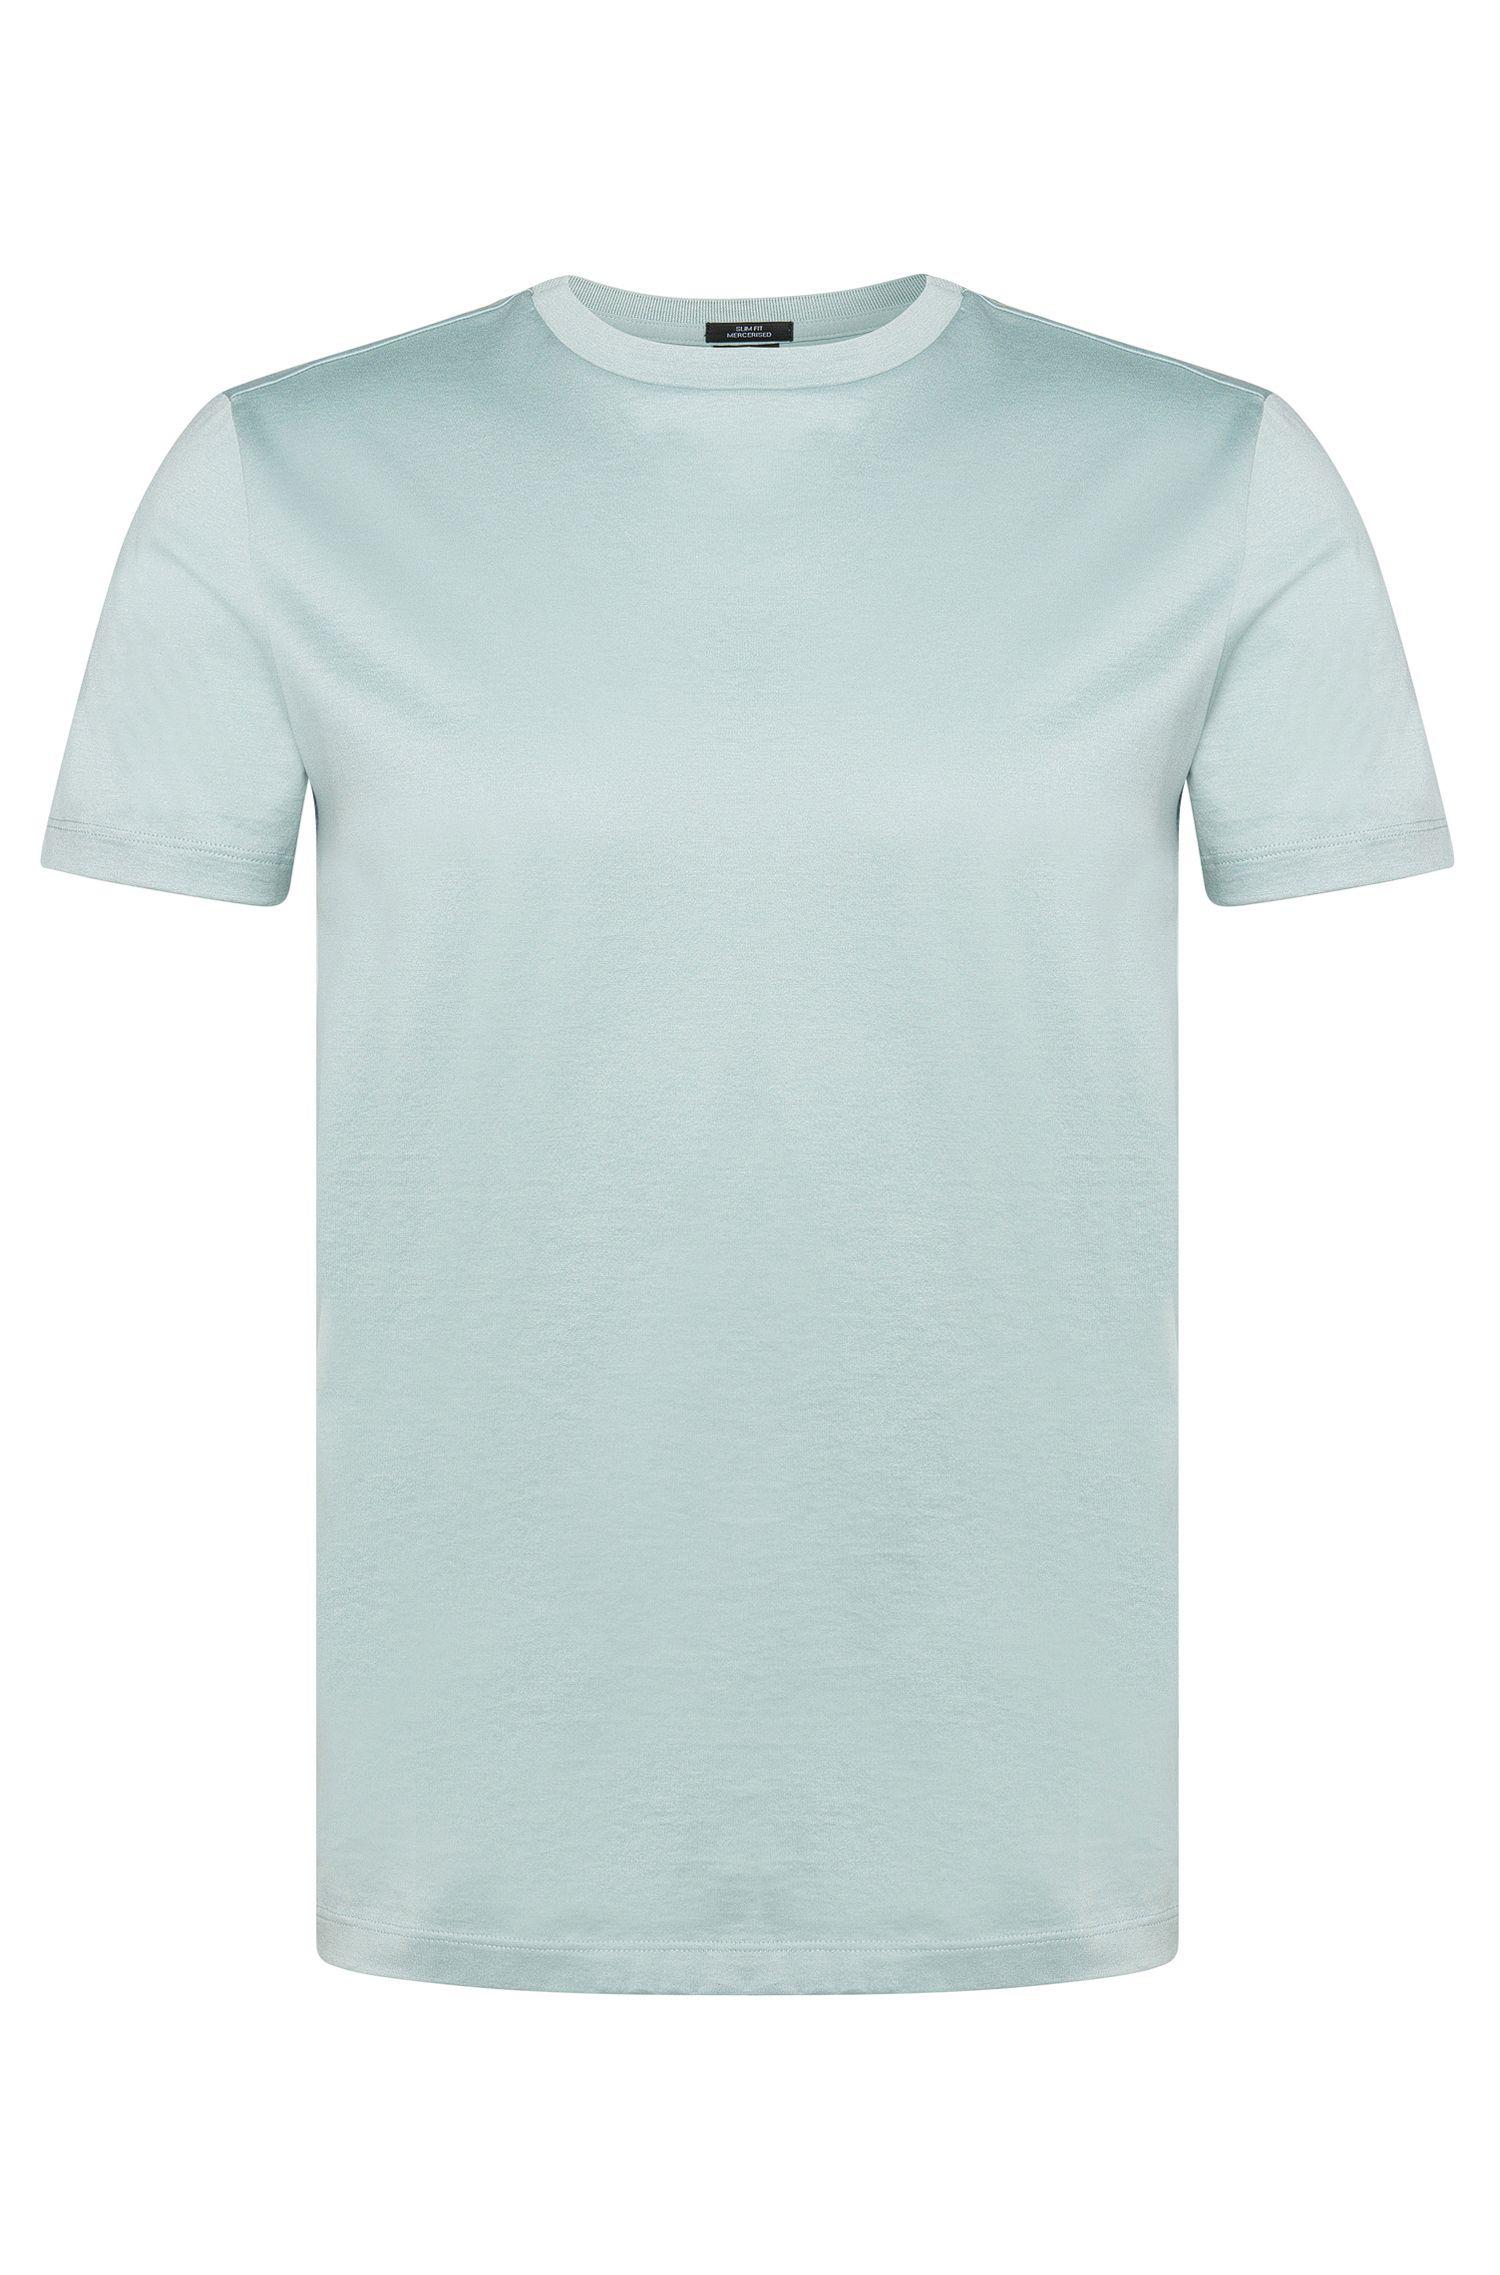 T-shirt Slim Fit en coton mercerisé: «Tessler18»